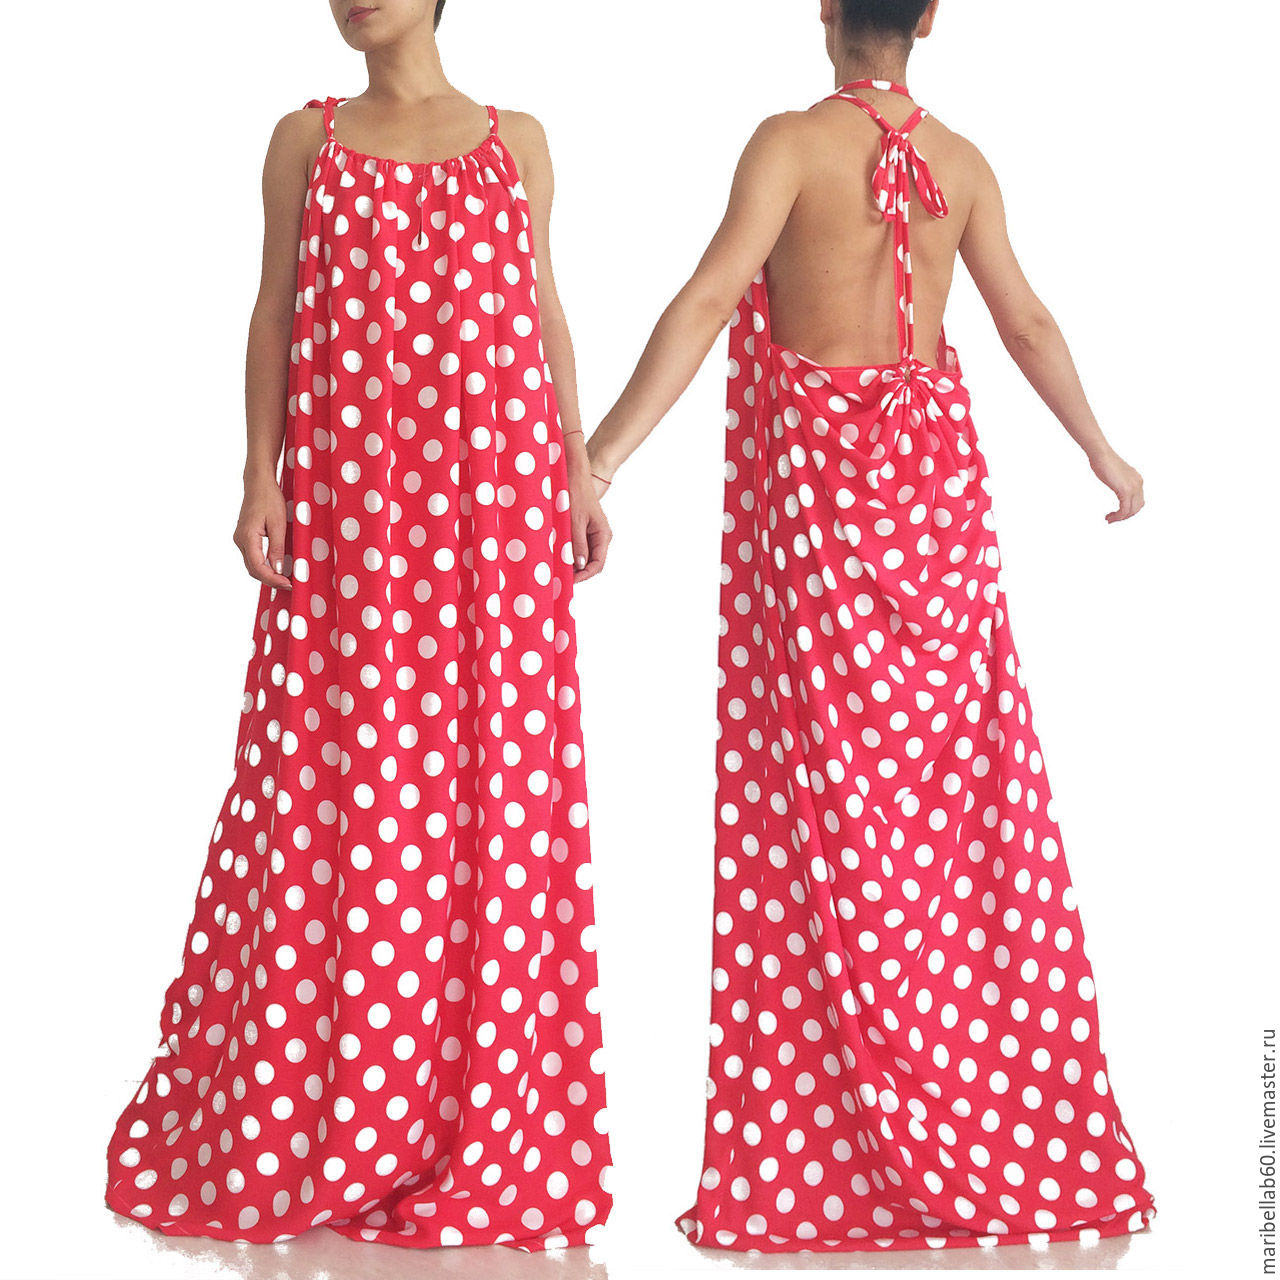 a795ed9ae7f Платья ручной работы. Ярмарка Мастеров - ручная работа. Купить Ретро платье  в горошек ...